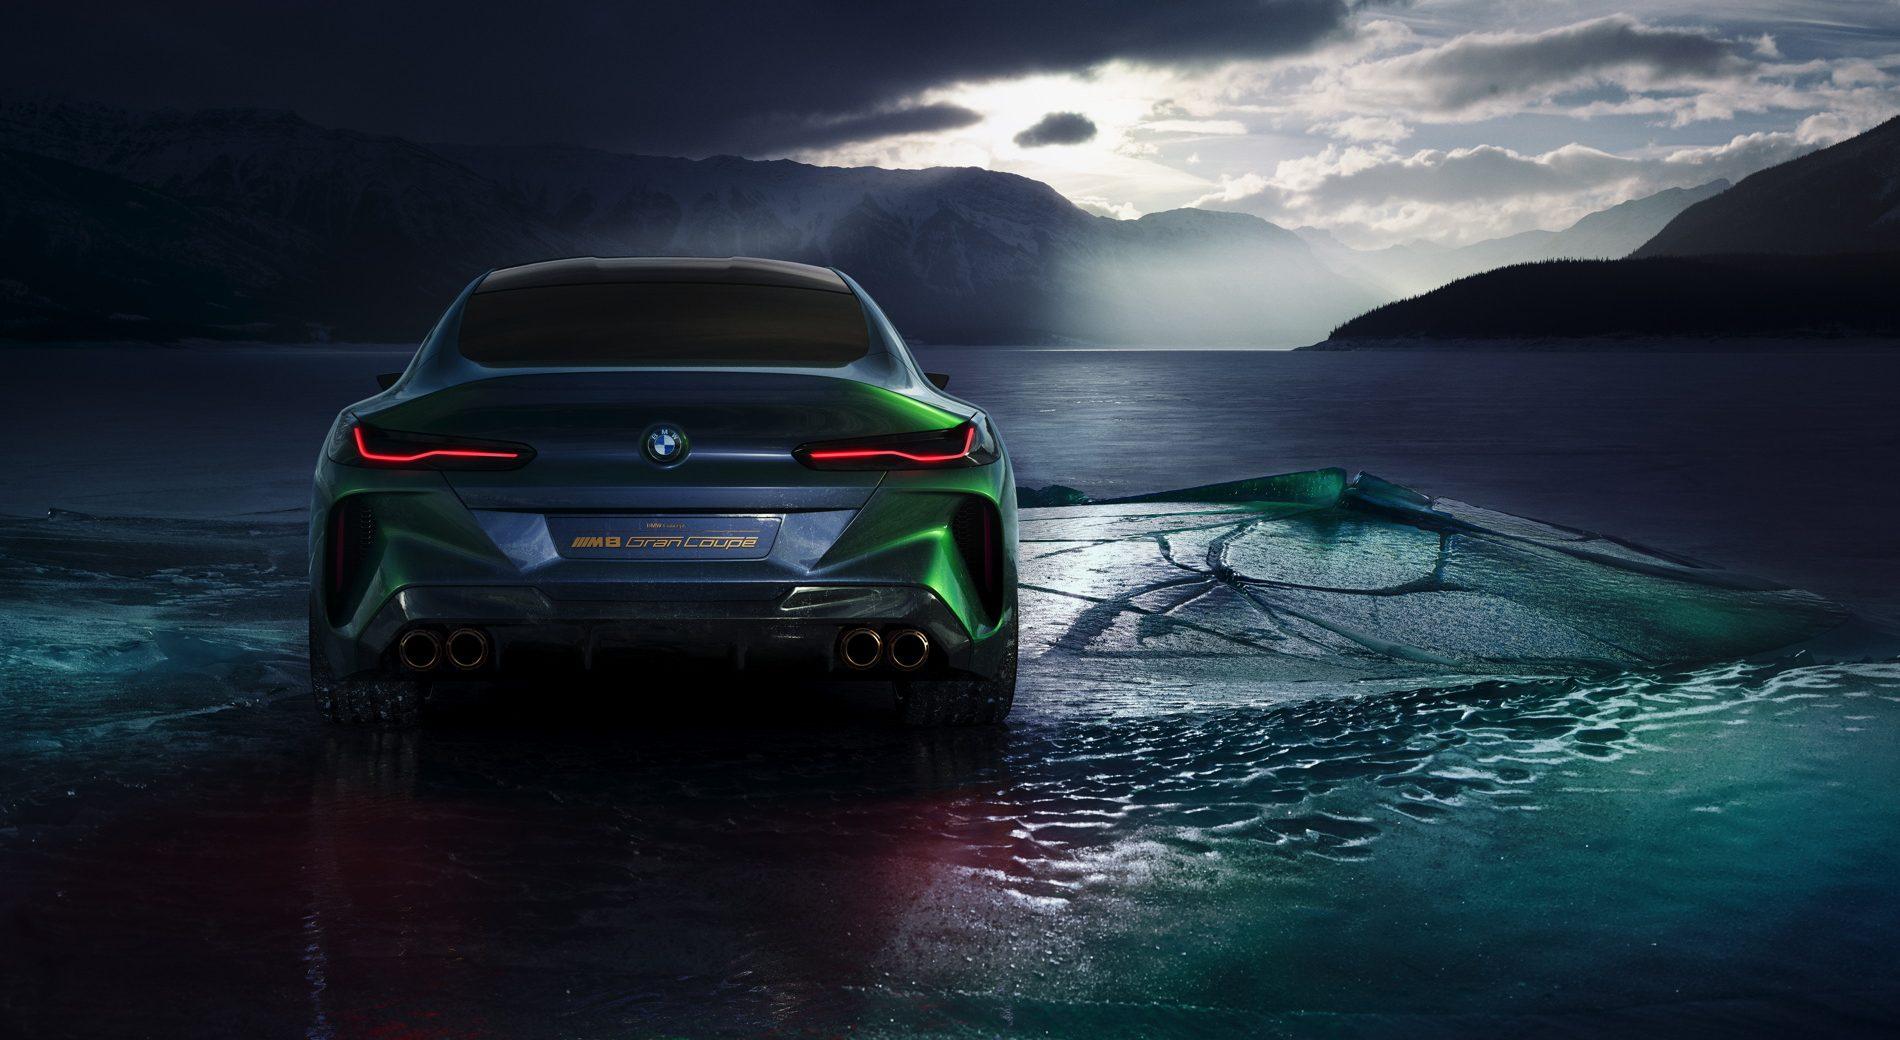 BMW Concept M8